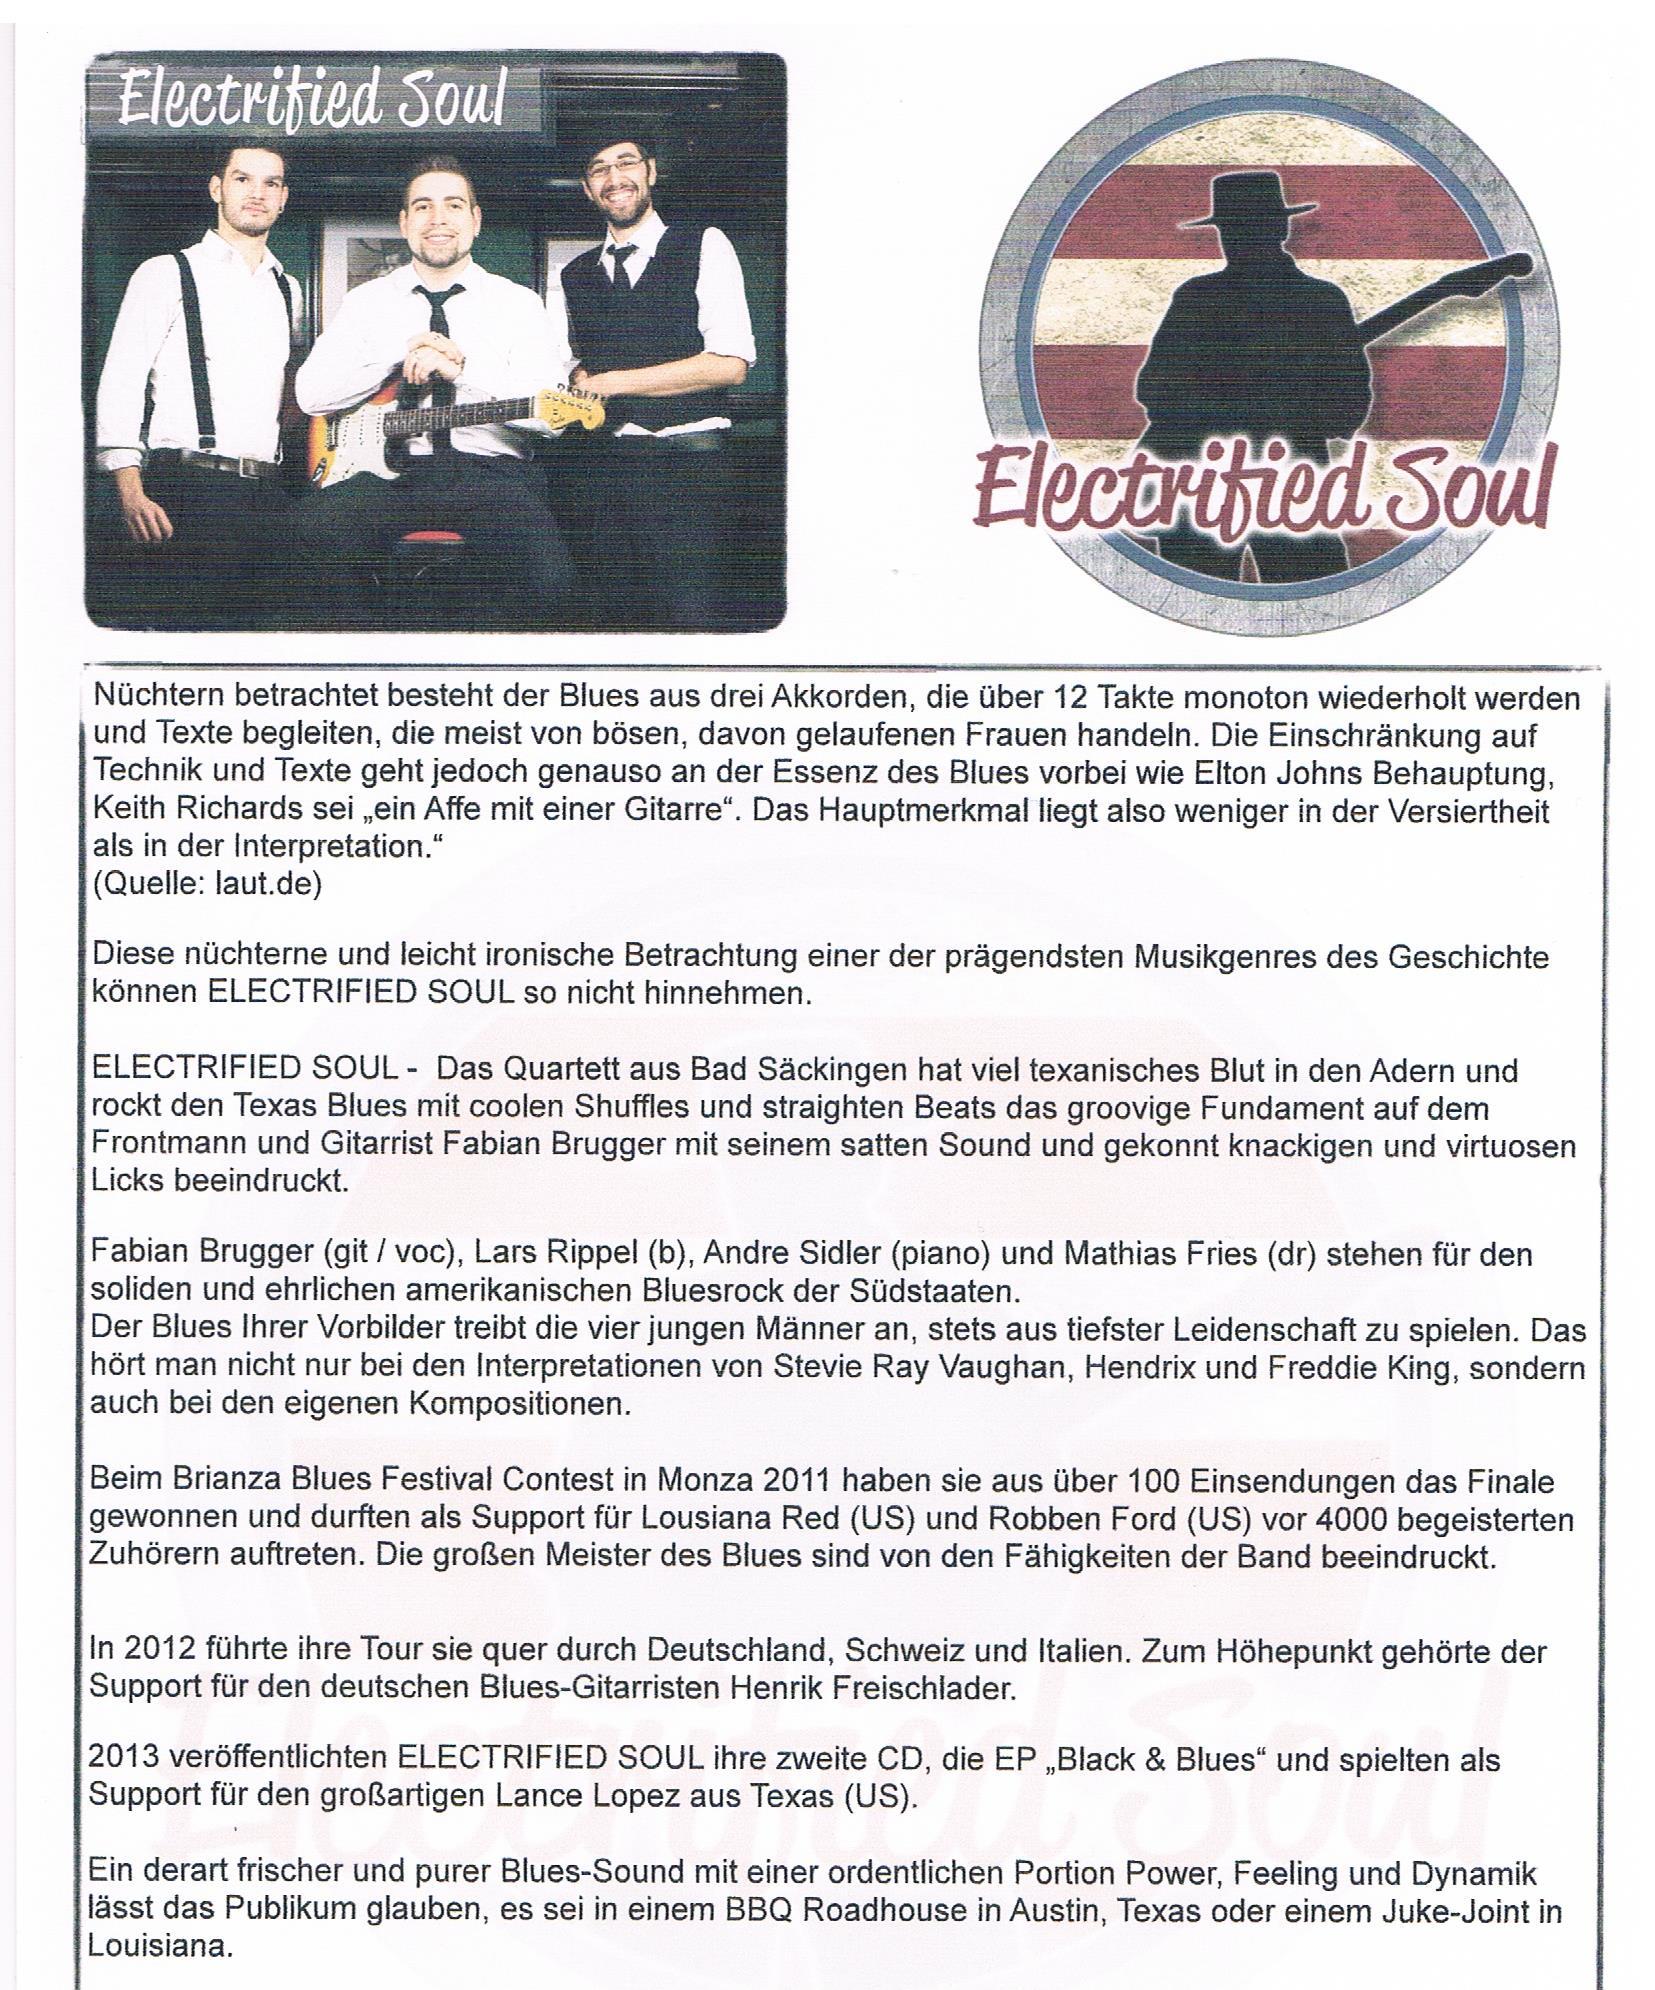 ELECTRIFIED SOUL - Kulturcafe M - die Agentur für Kunst und Kultur